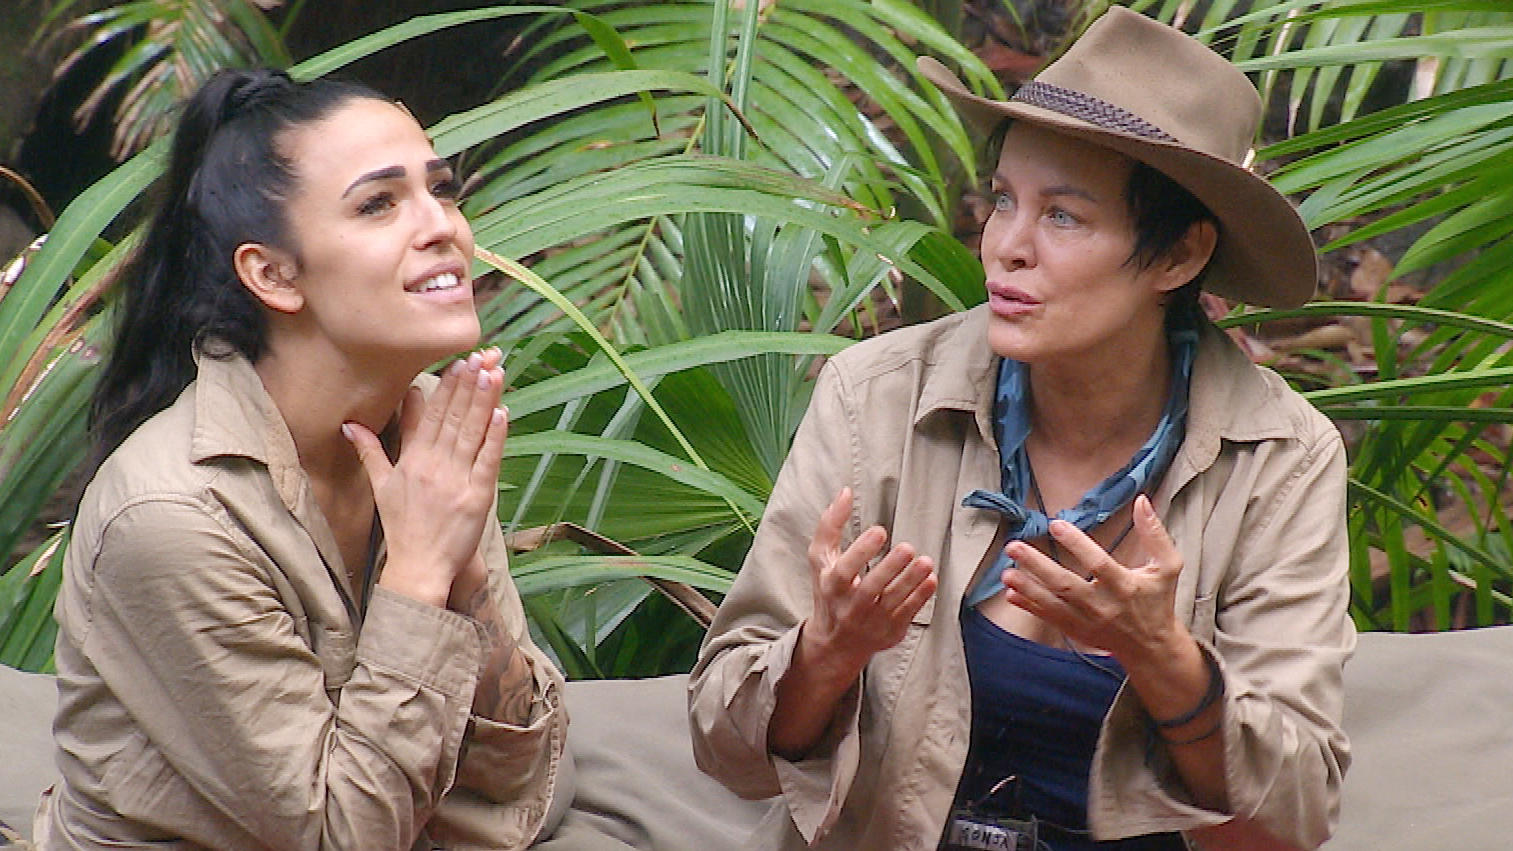 Dschungelcamp 2020 Das Sind Alle Dschungelkonige